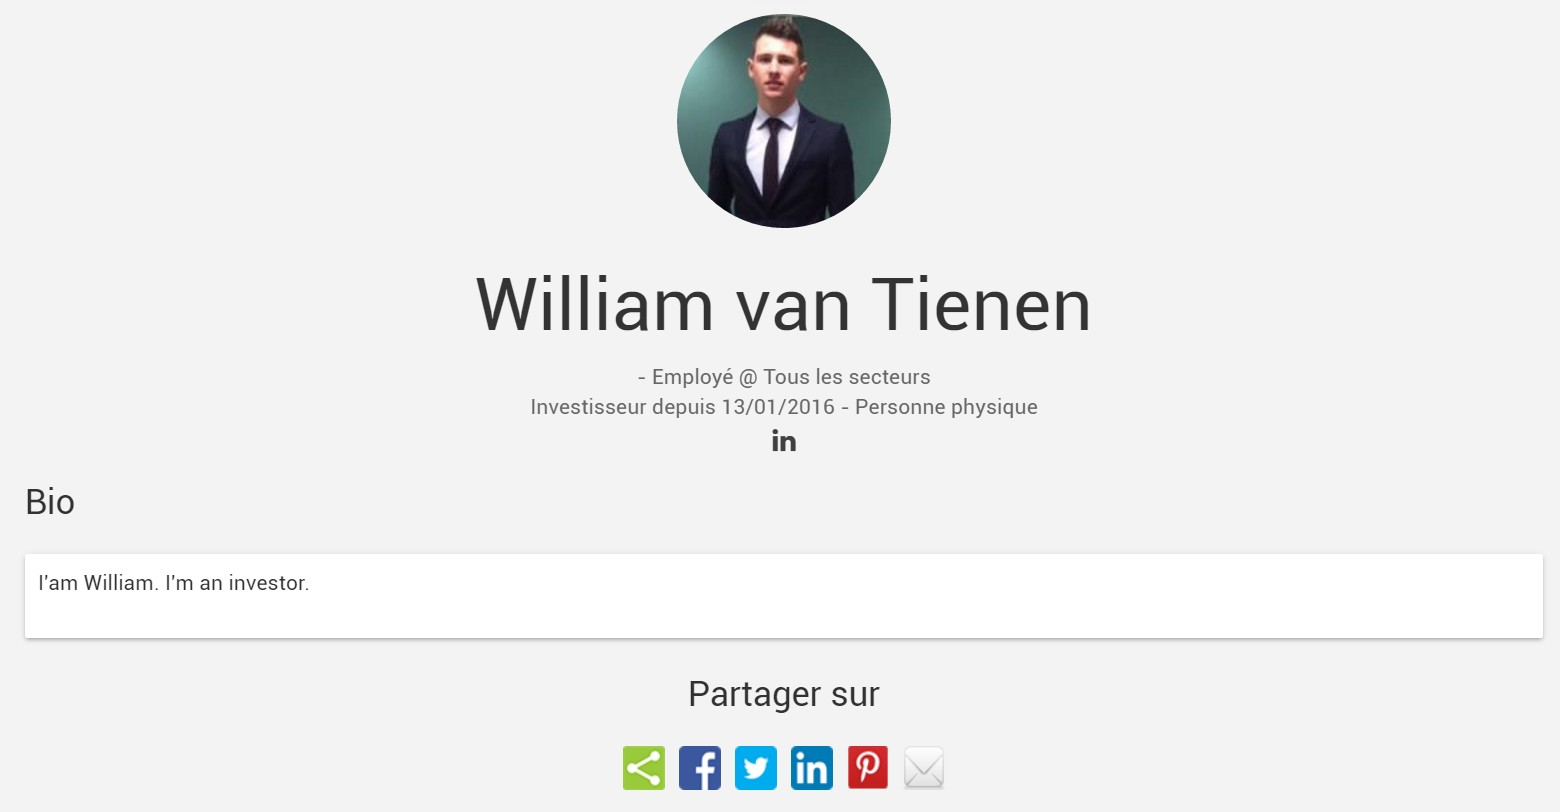 profil_utilisateur_public